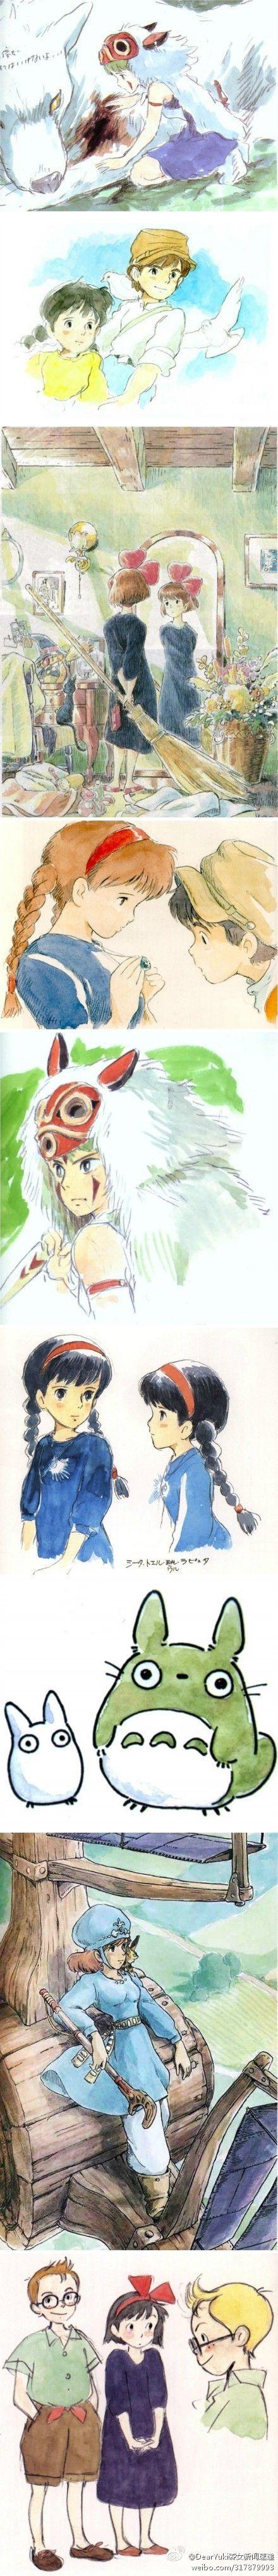 Character Design Anime Studio Story : Studio ghibli miyazaki and hayao on pinterest